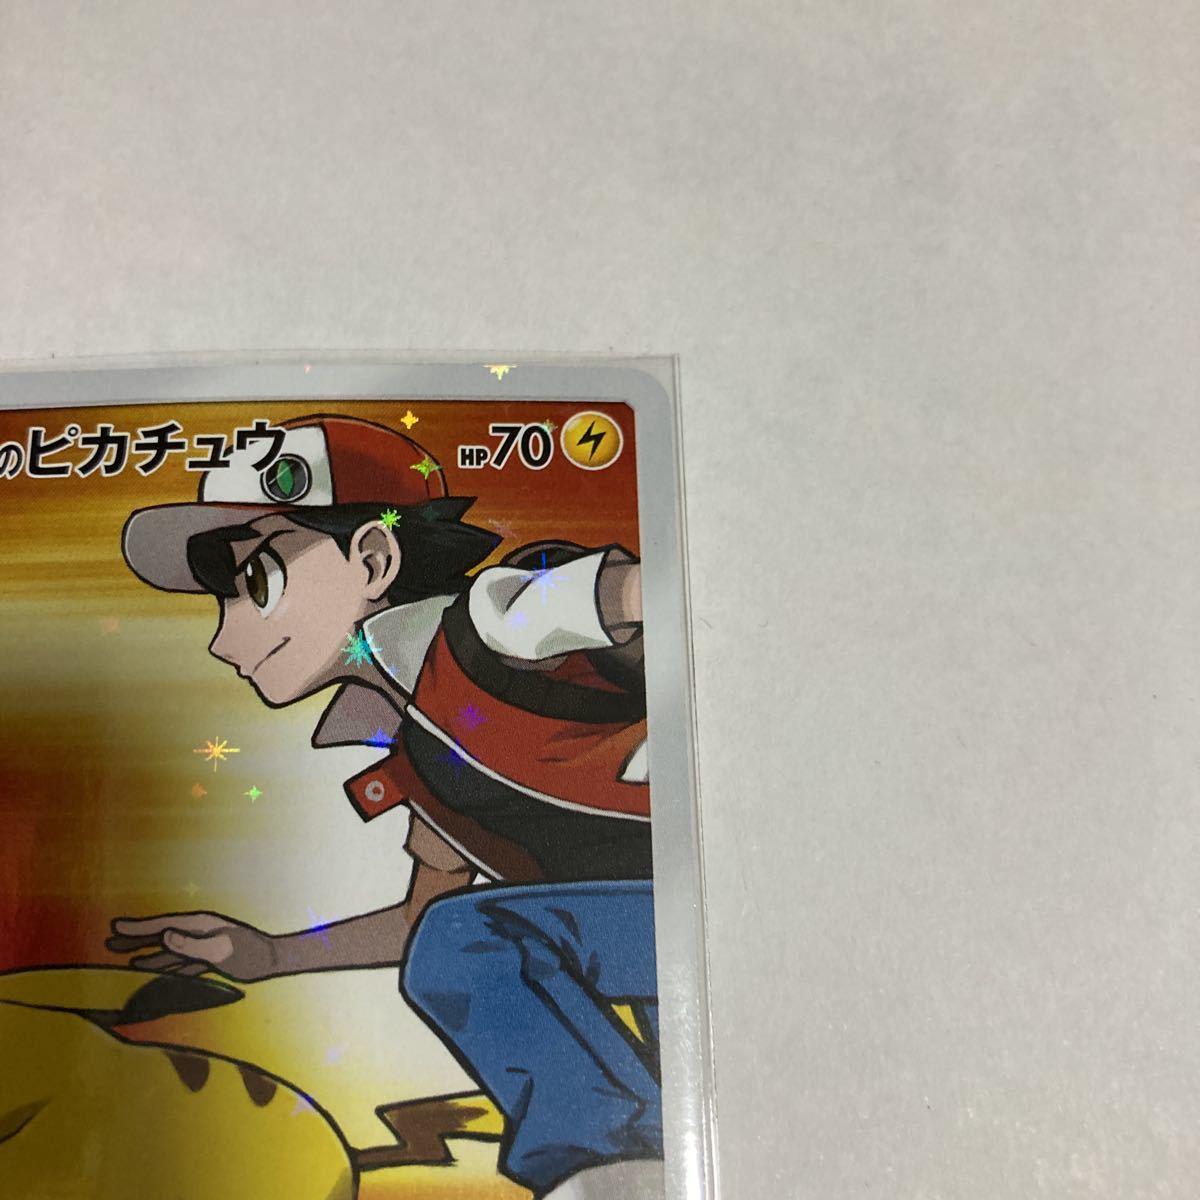 レッドのピカチュウ PROMO プロモ 270/SM-P ボルテッカー ポケモンカードゲーム ポケカ フルアート_画像3